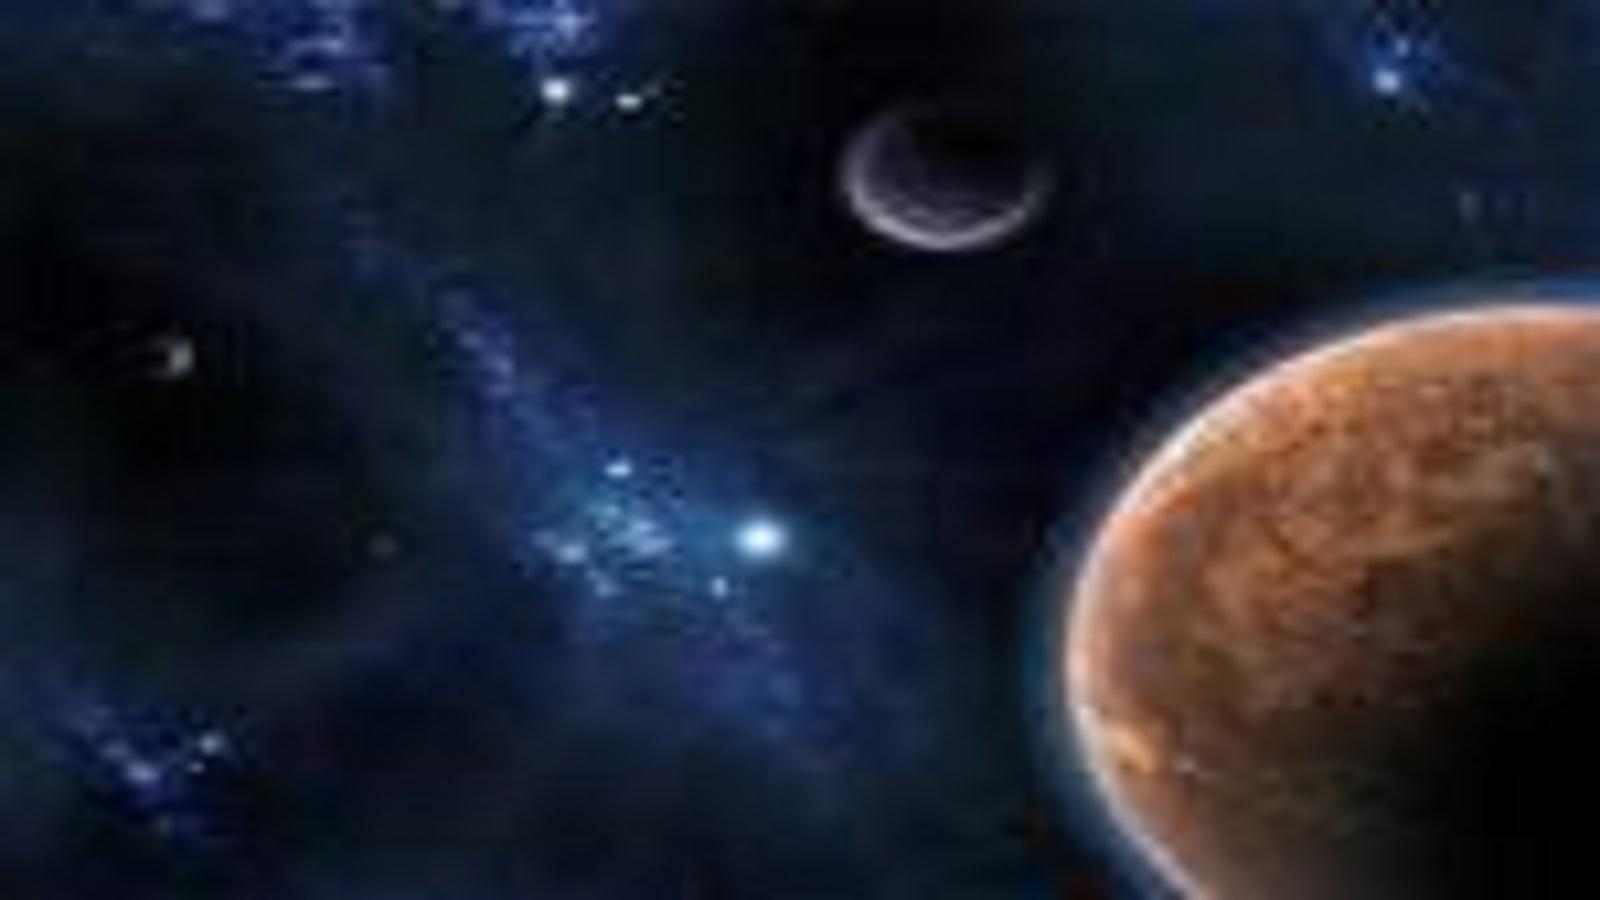 alam semesta yang luas